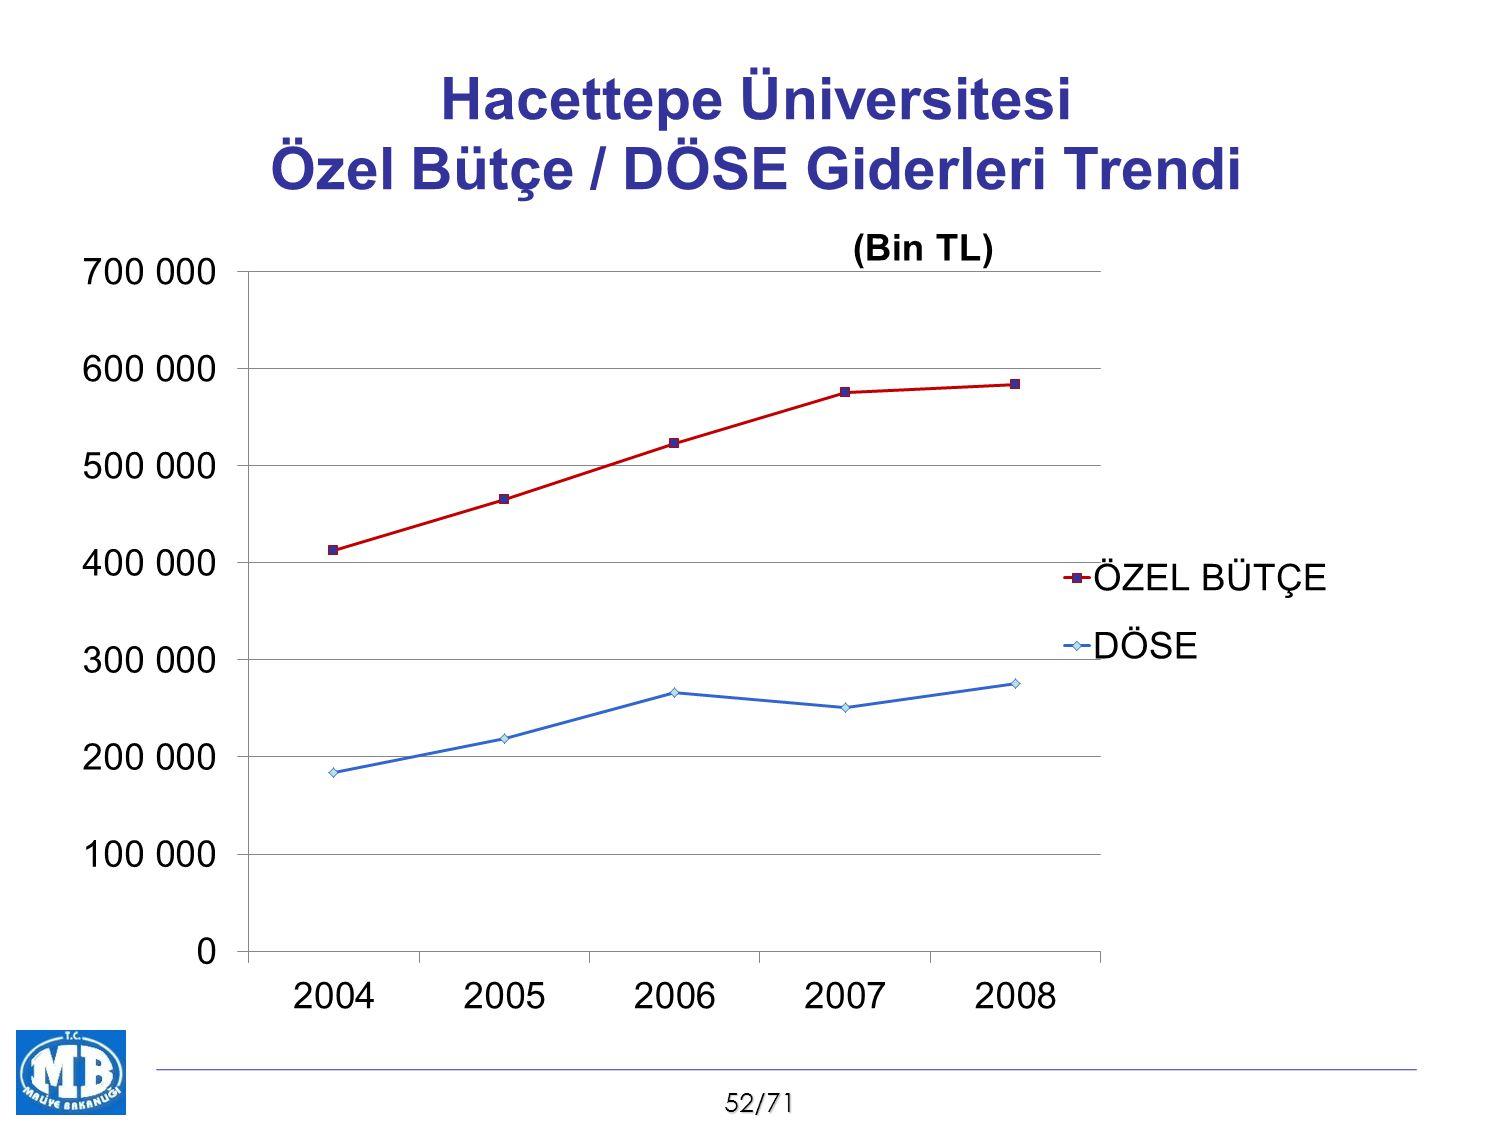 52/71 Hacettepe Üniversitesi Özel Bütçe / DÖSE Giderleri Trendi (Bin TL)